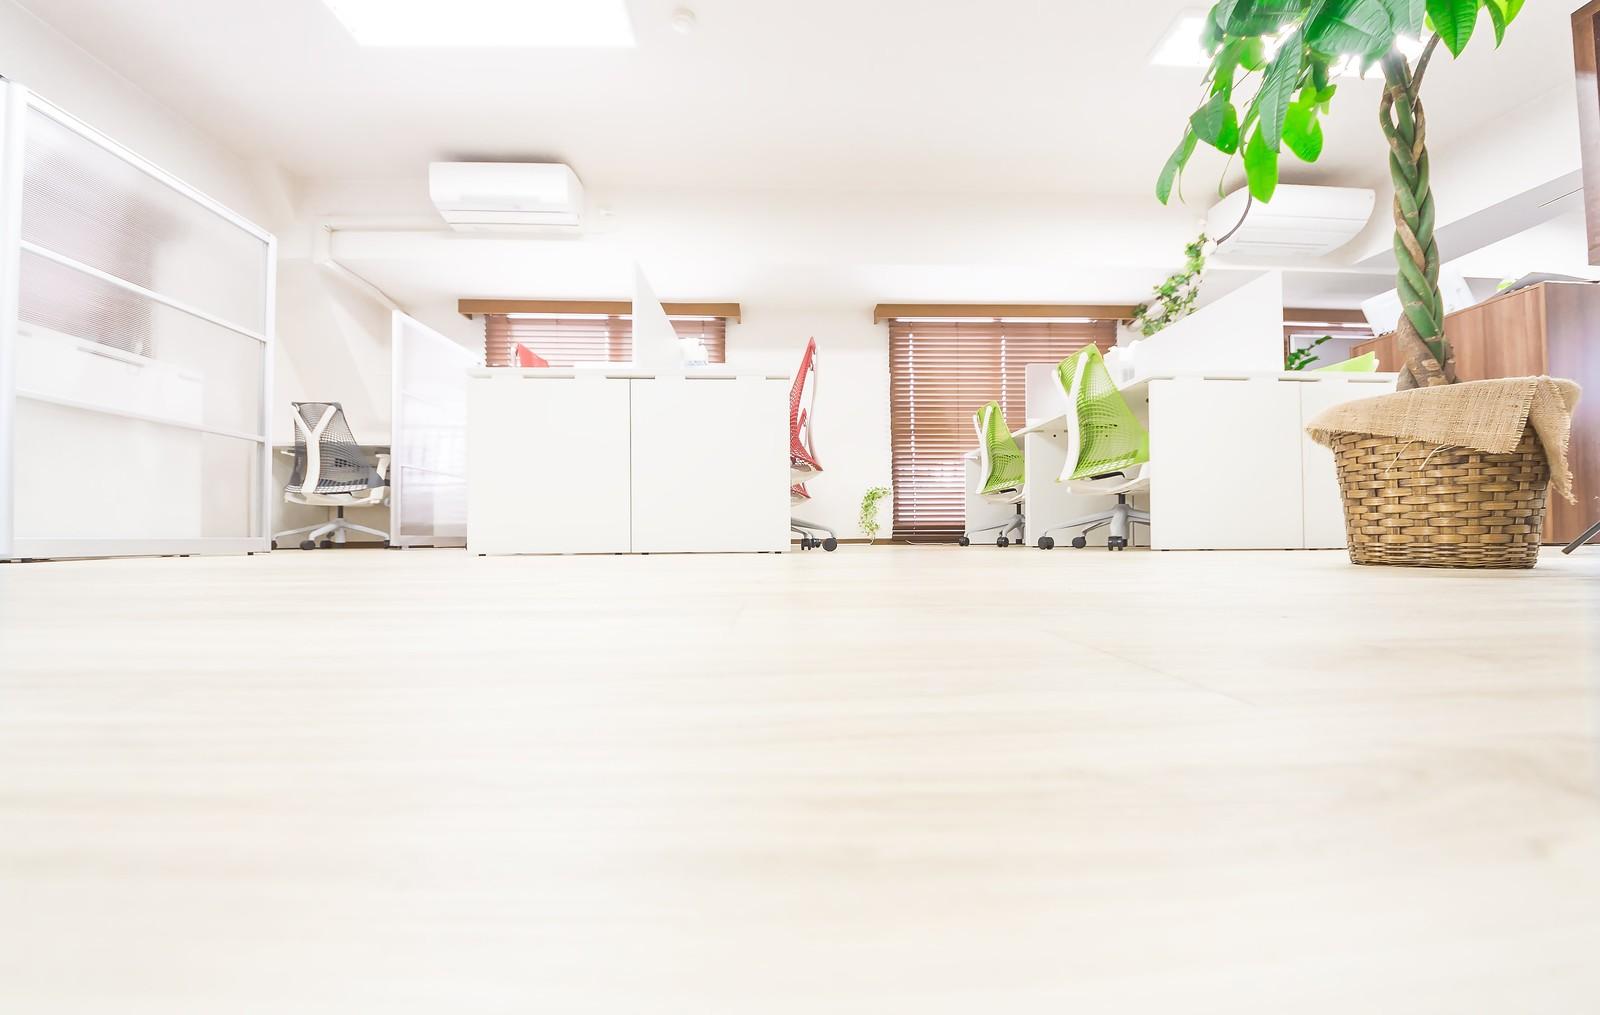 メンズエステのバイト求人|池袋・新宿・赤羽・錦糸町